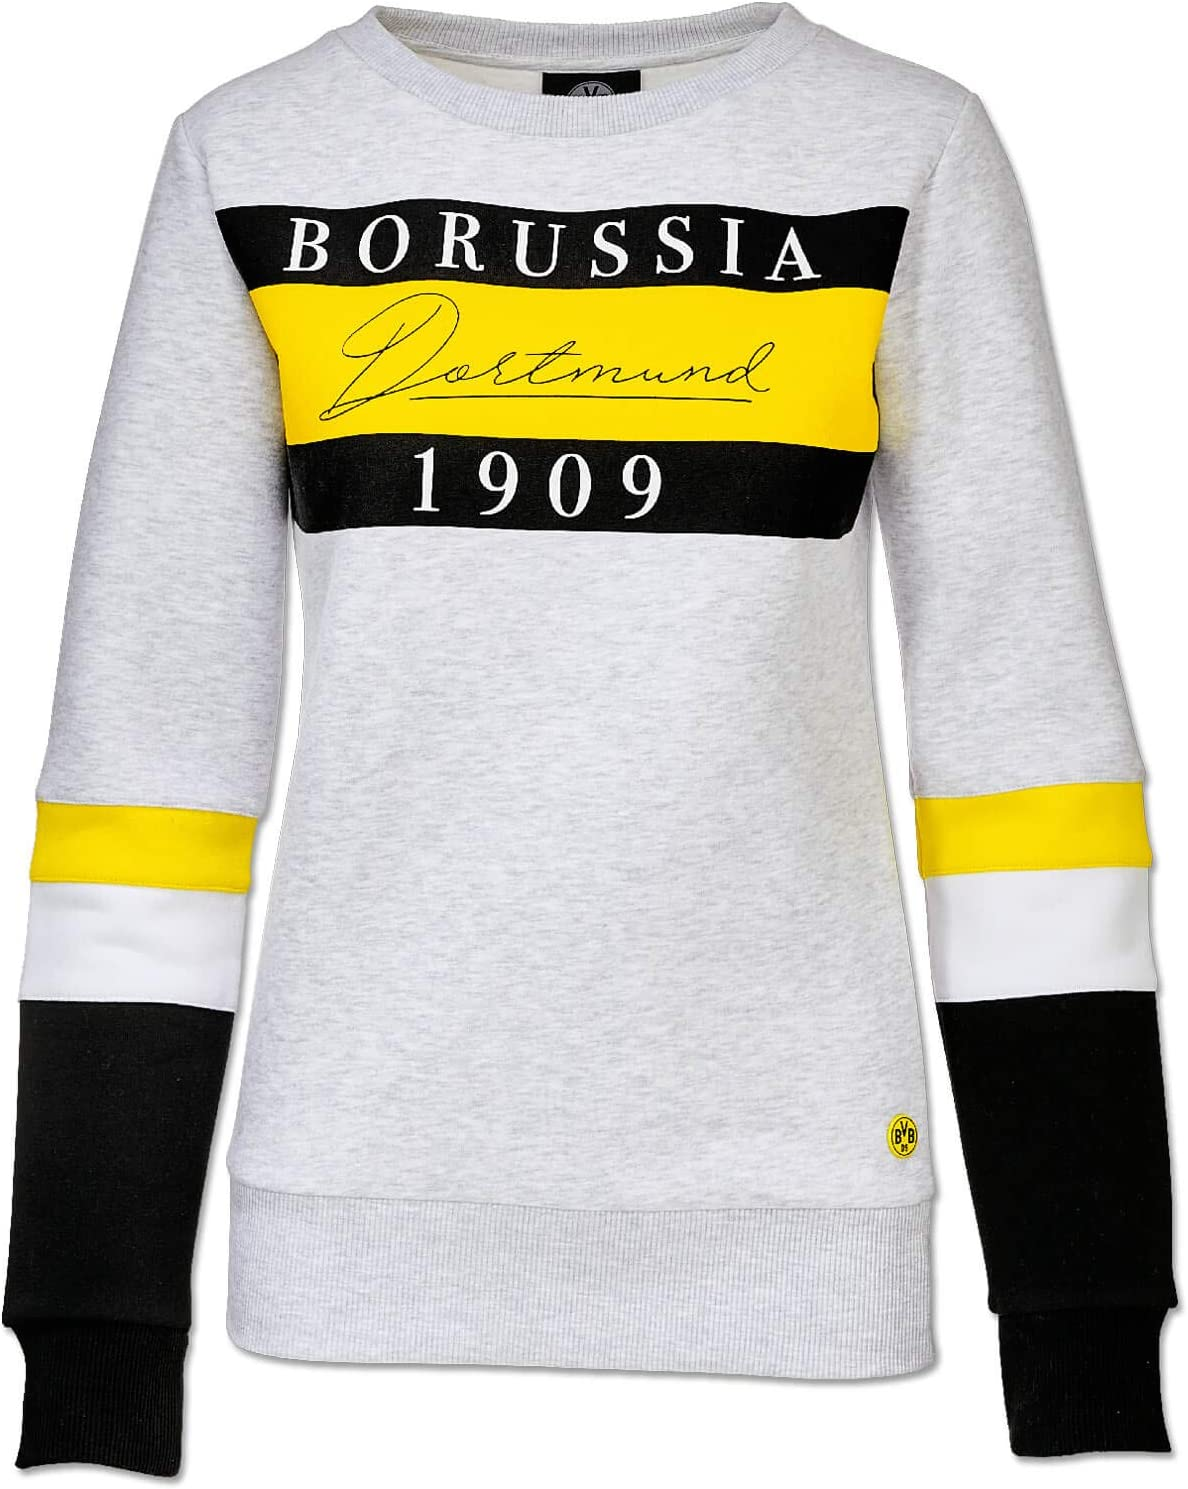 Borussia Dortmund BVB-Kapuzen-Sweatshirt mit Strass f/ür Frauen L